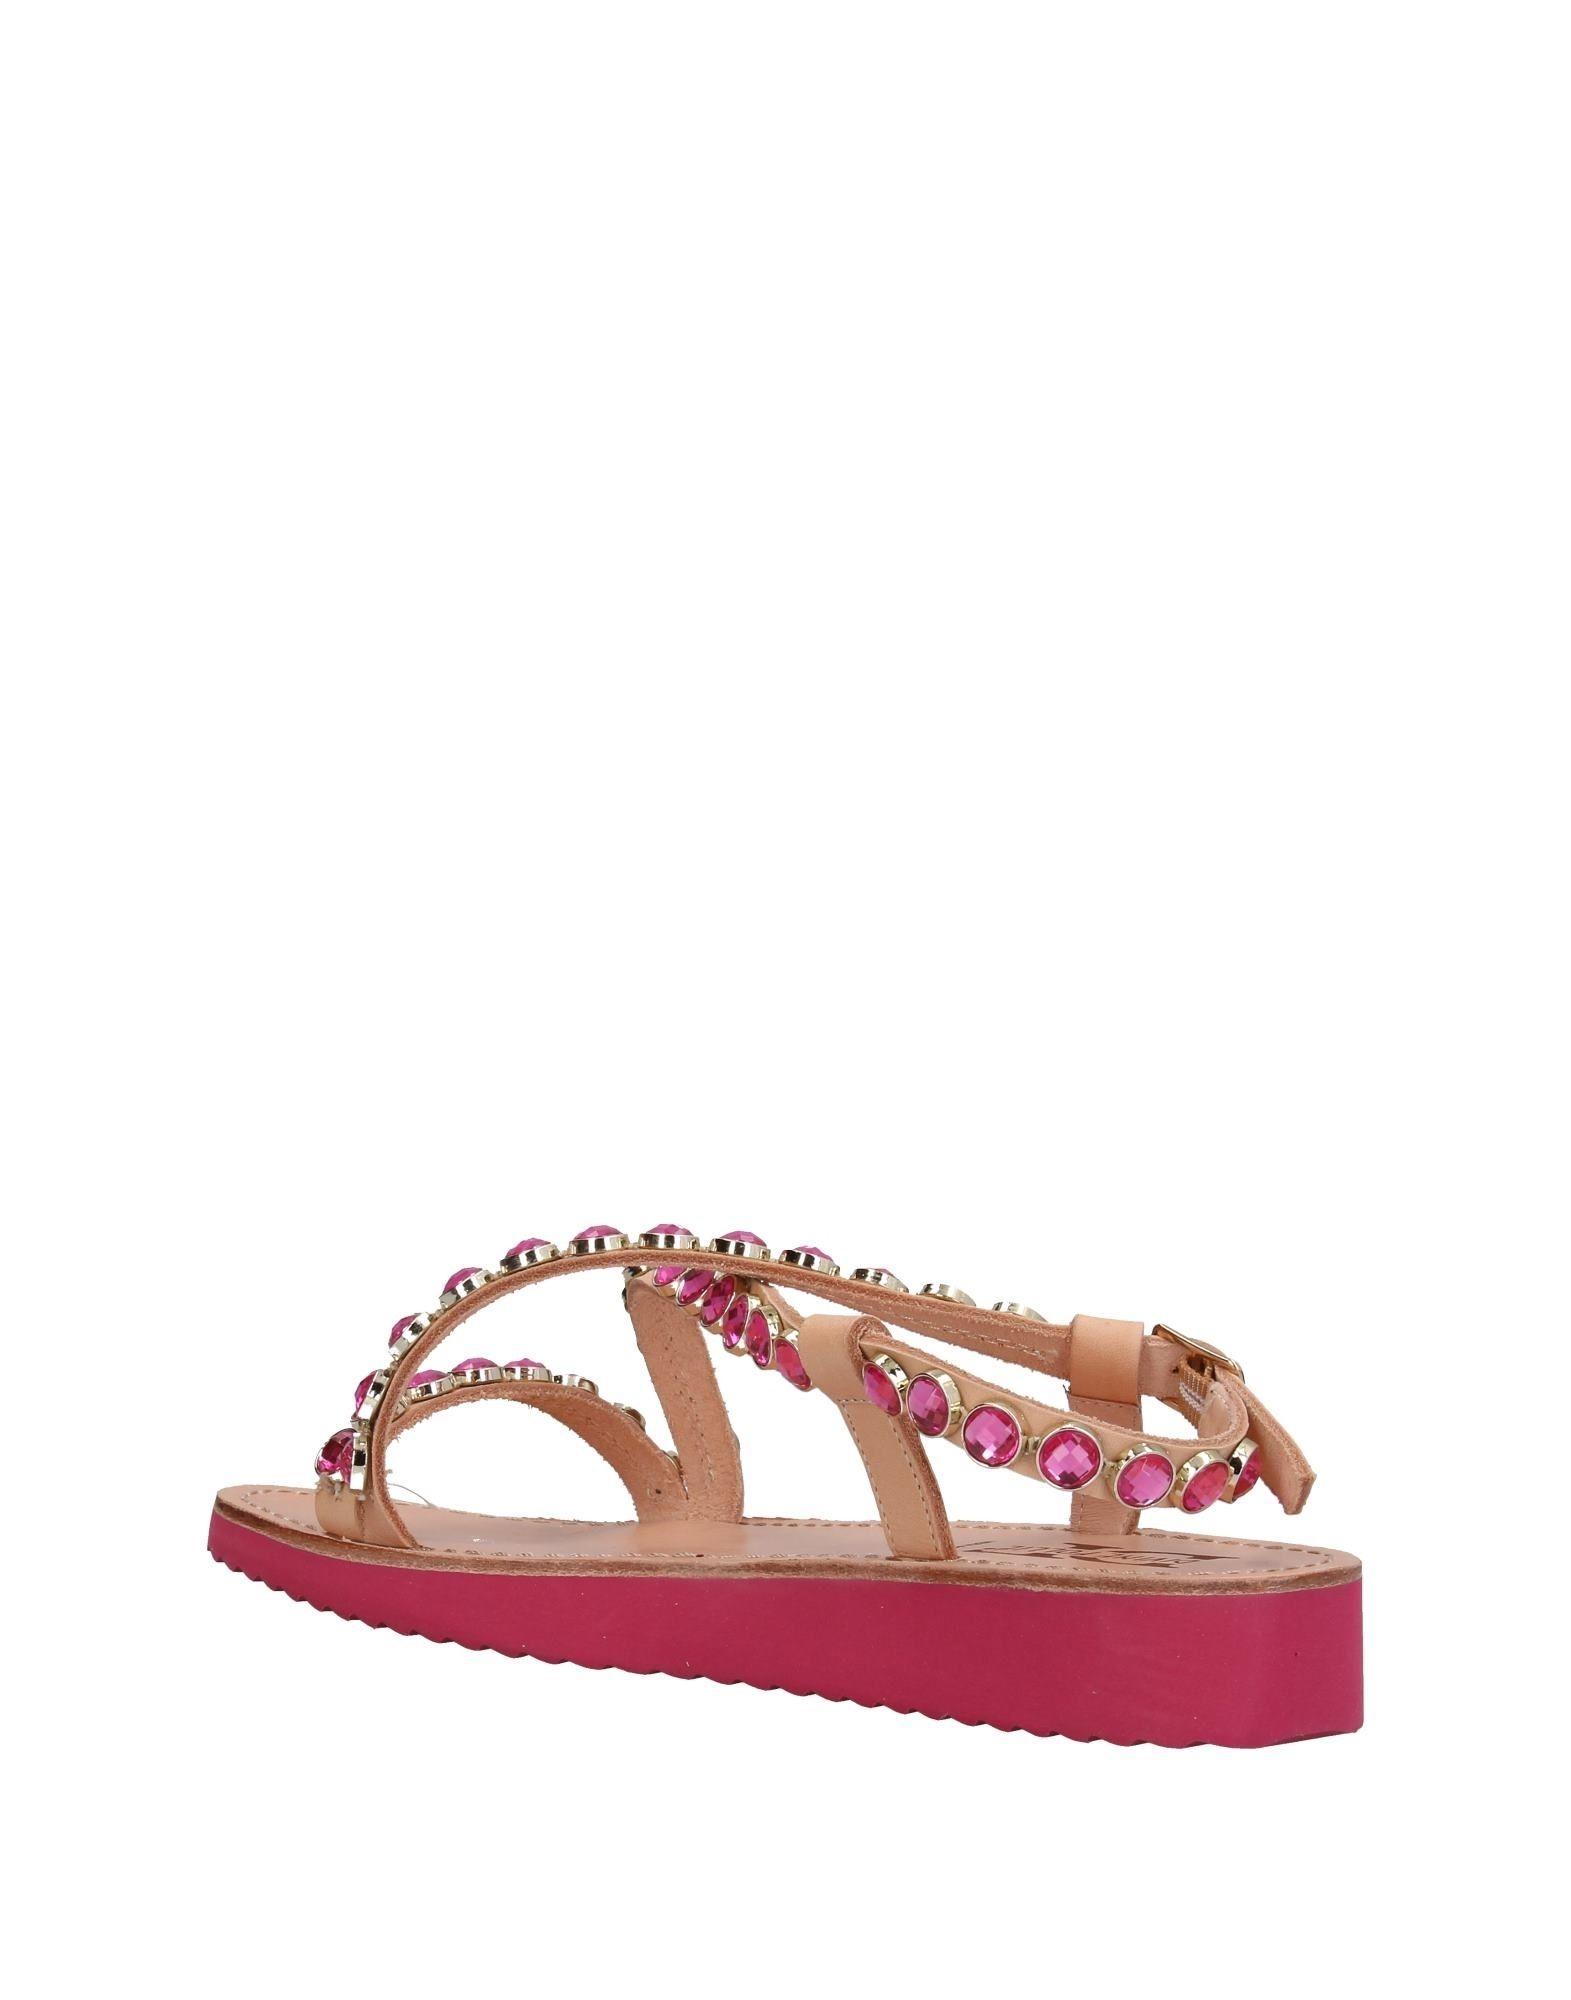 Divine Follie Sandalen Qualität Damen  11375810CW Gute Qualität Sandalen beliebte Schuhe a7366b